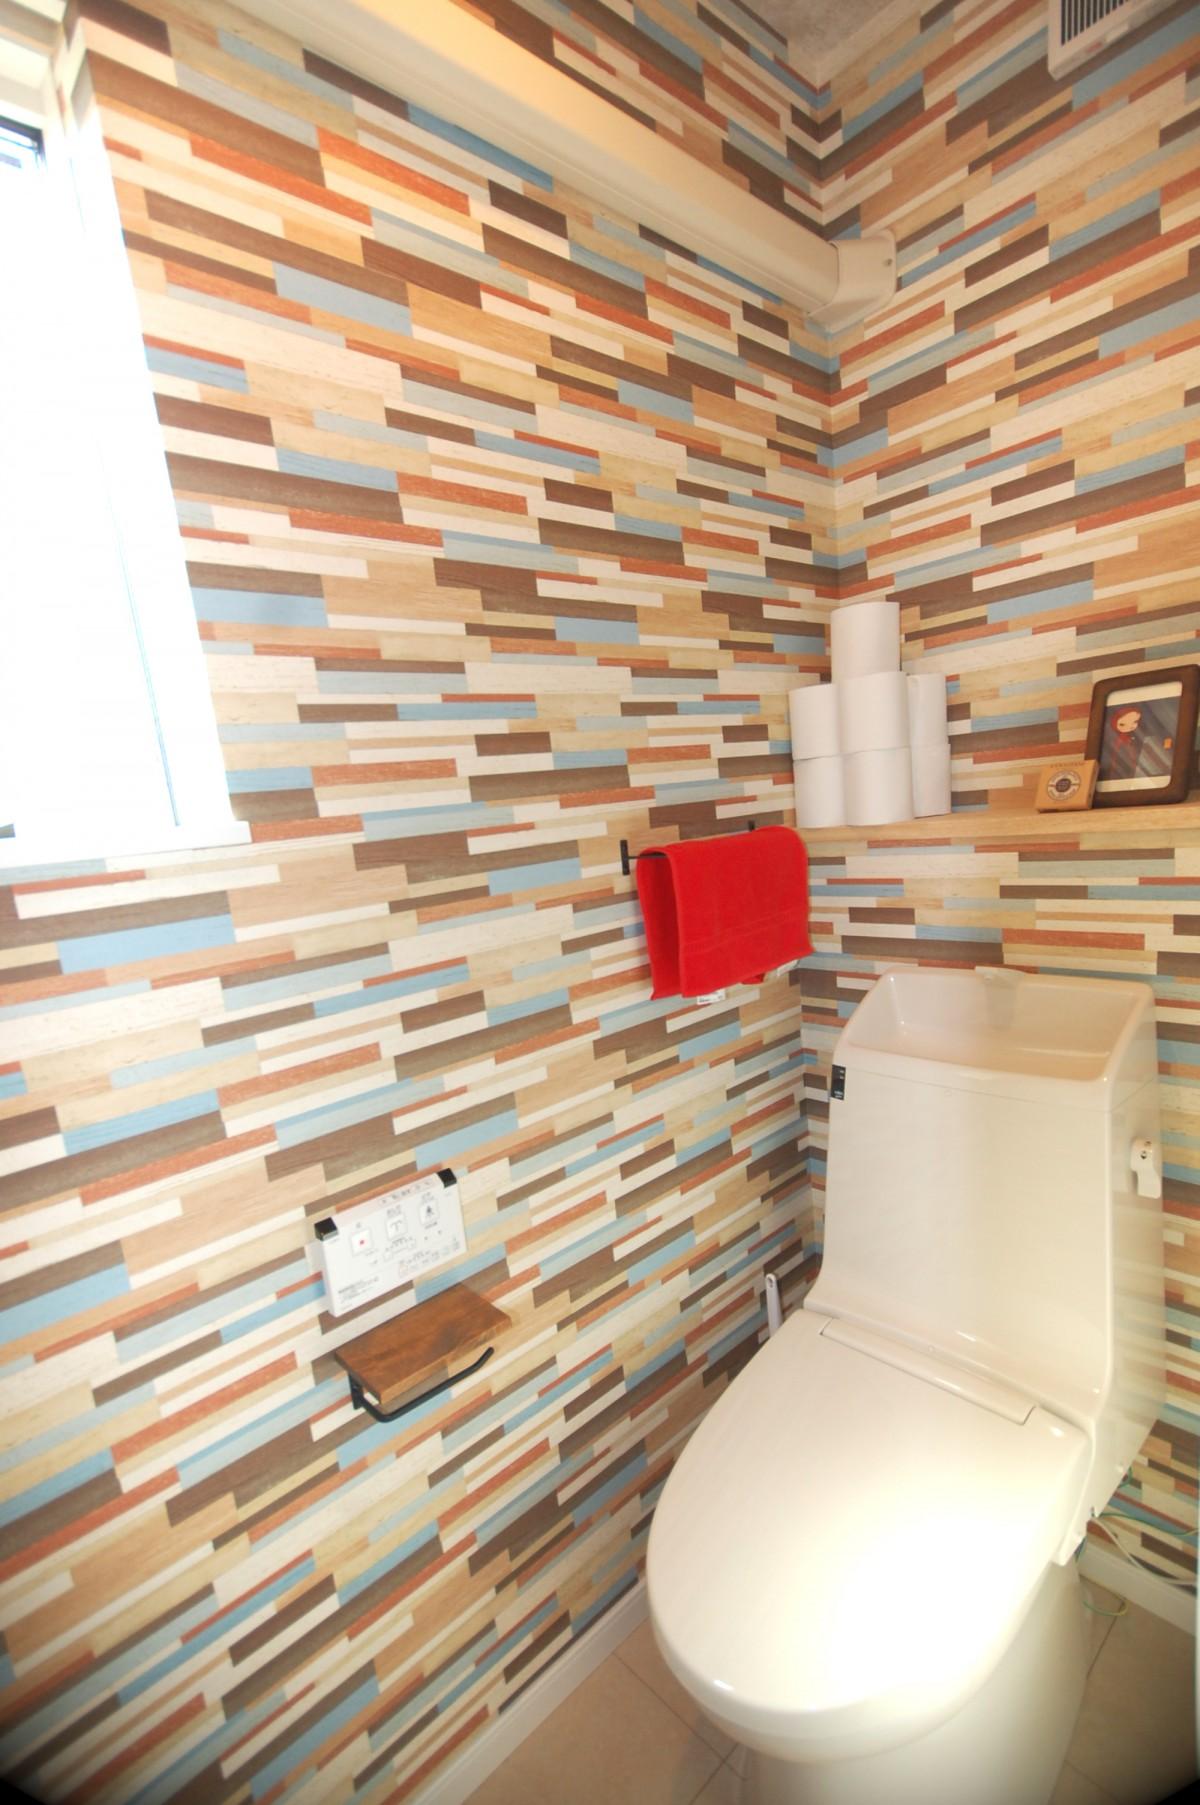 トイレはおしゃれな壁紙で遊び心をプラス